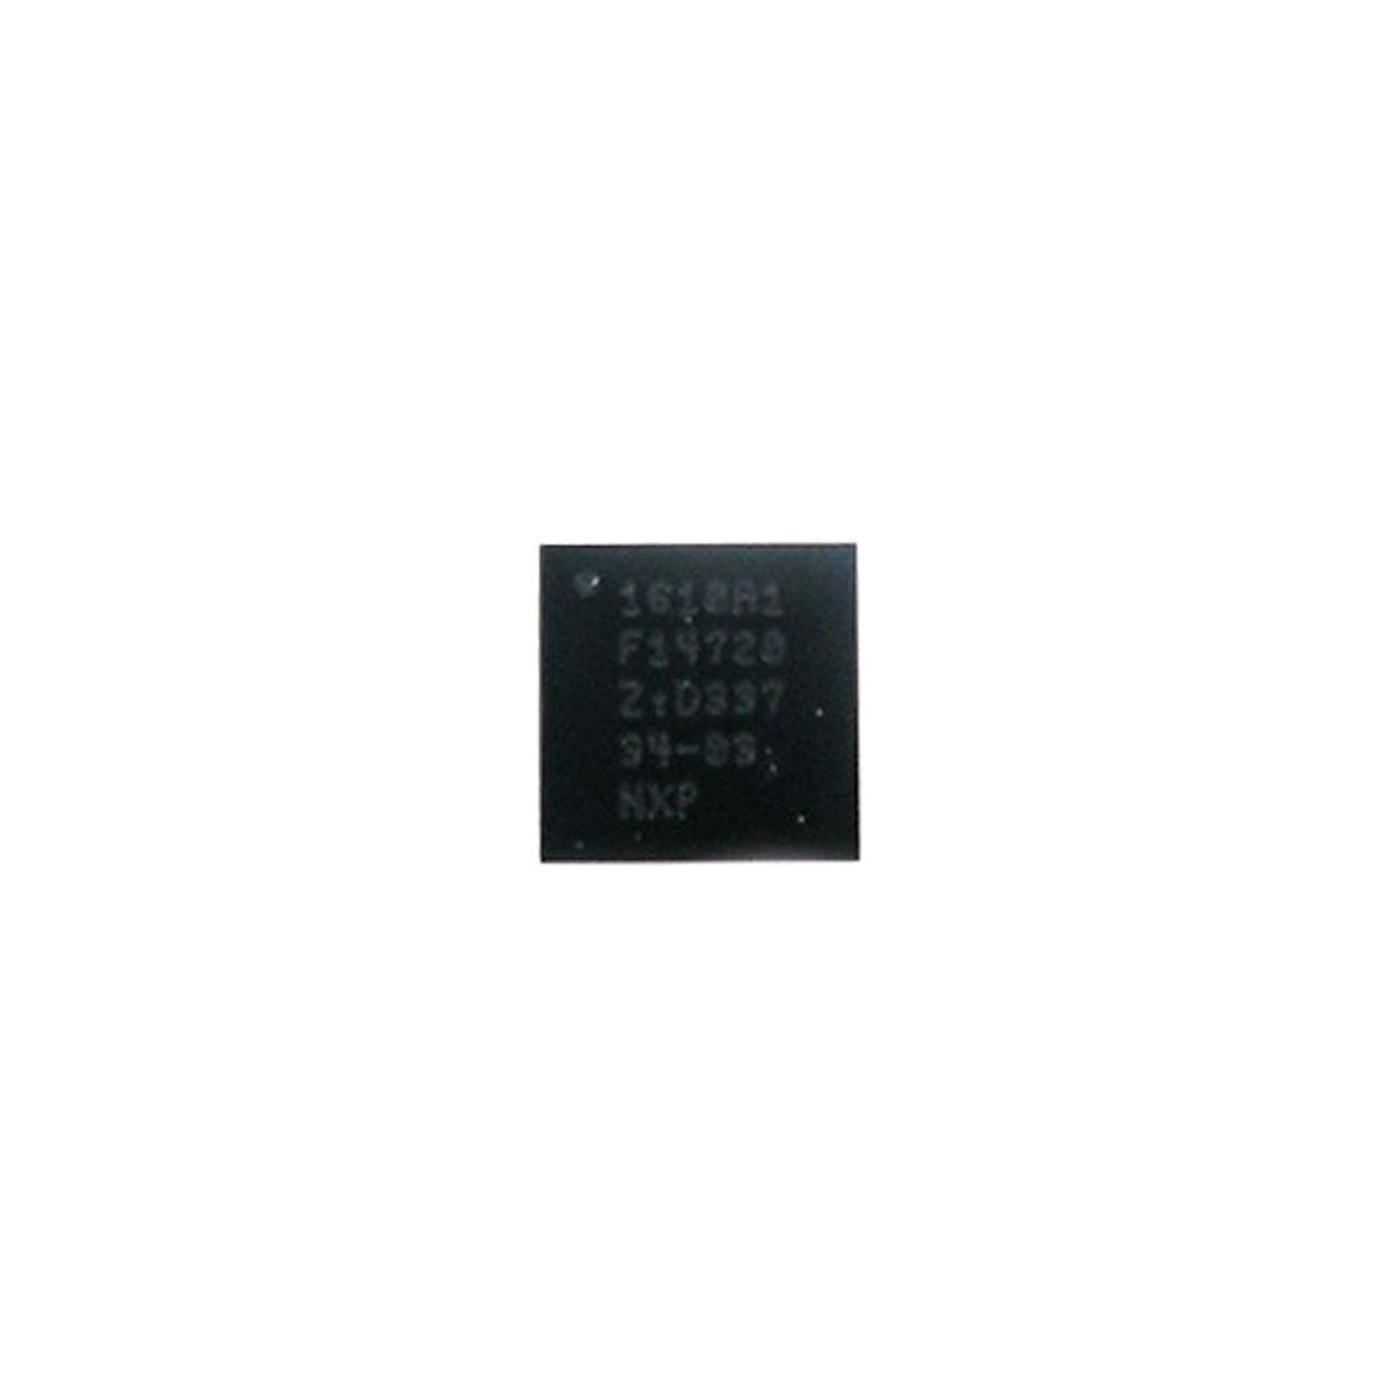 U2 1610A1 IC Controller Carica chip Ricarica per Scheda Madre iPhone 5S 5C